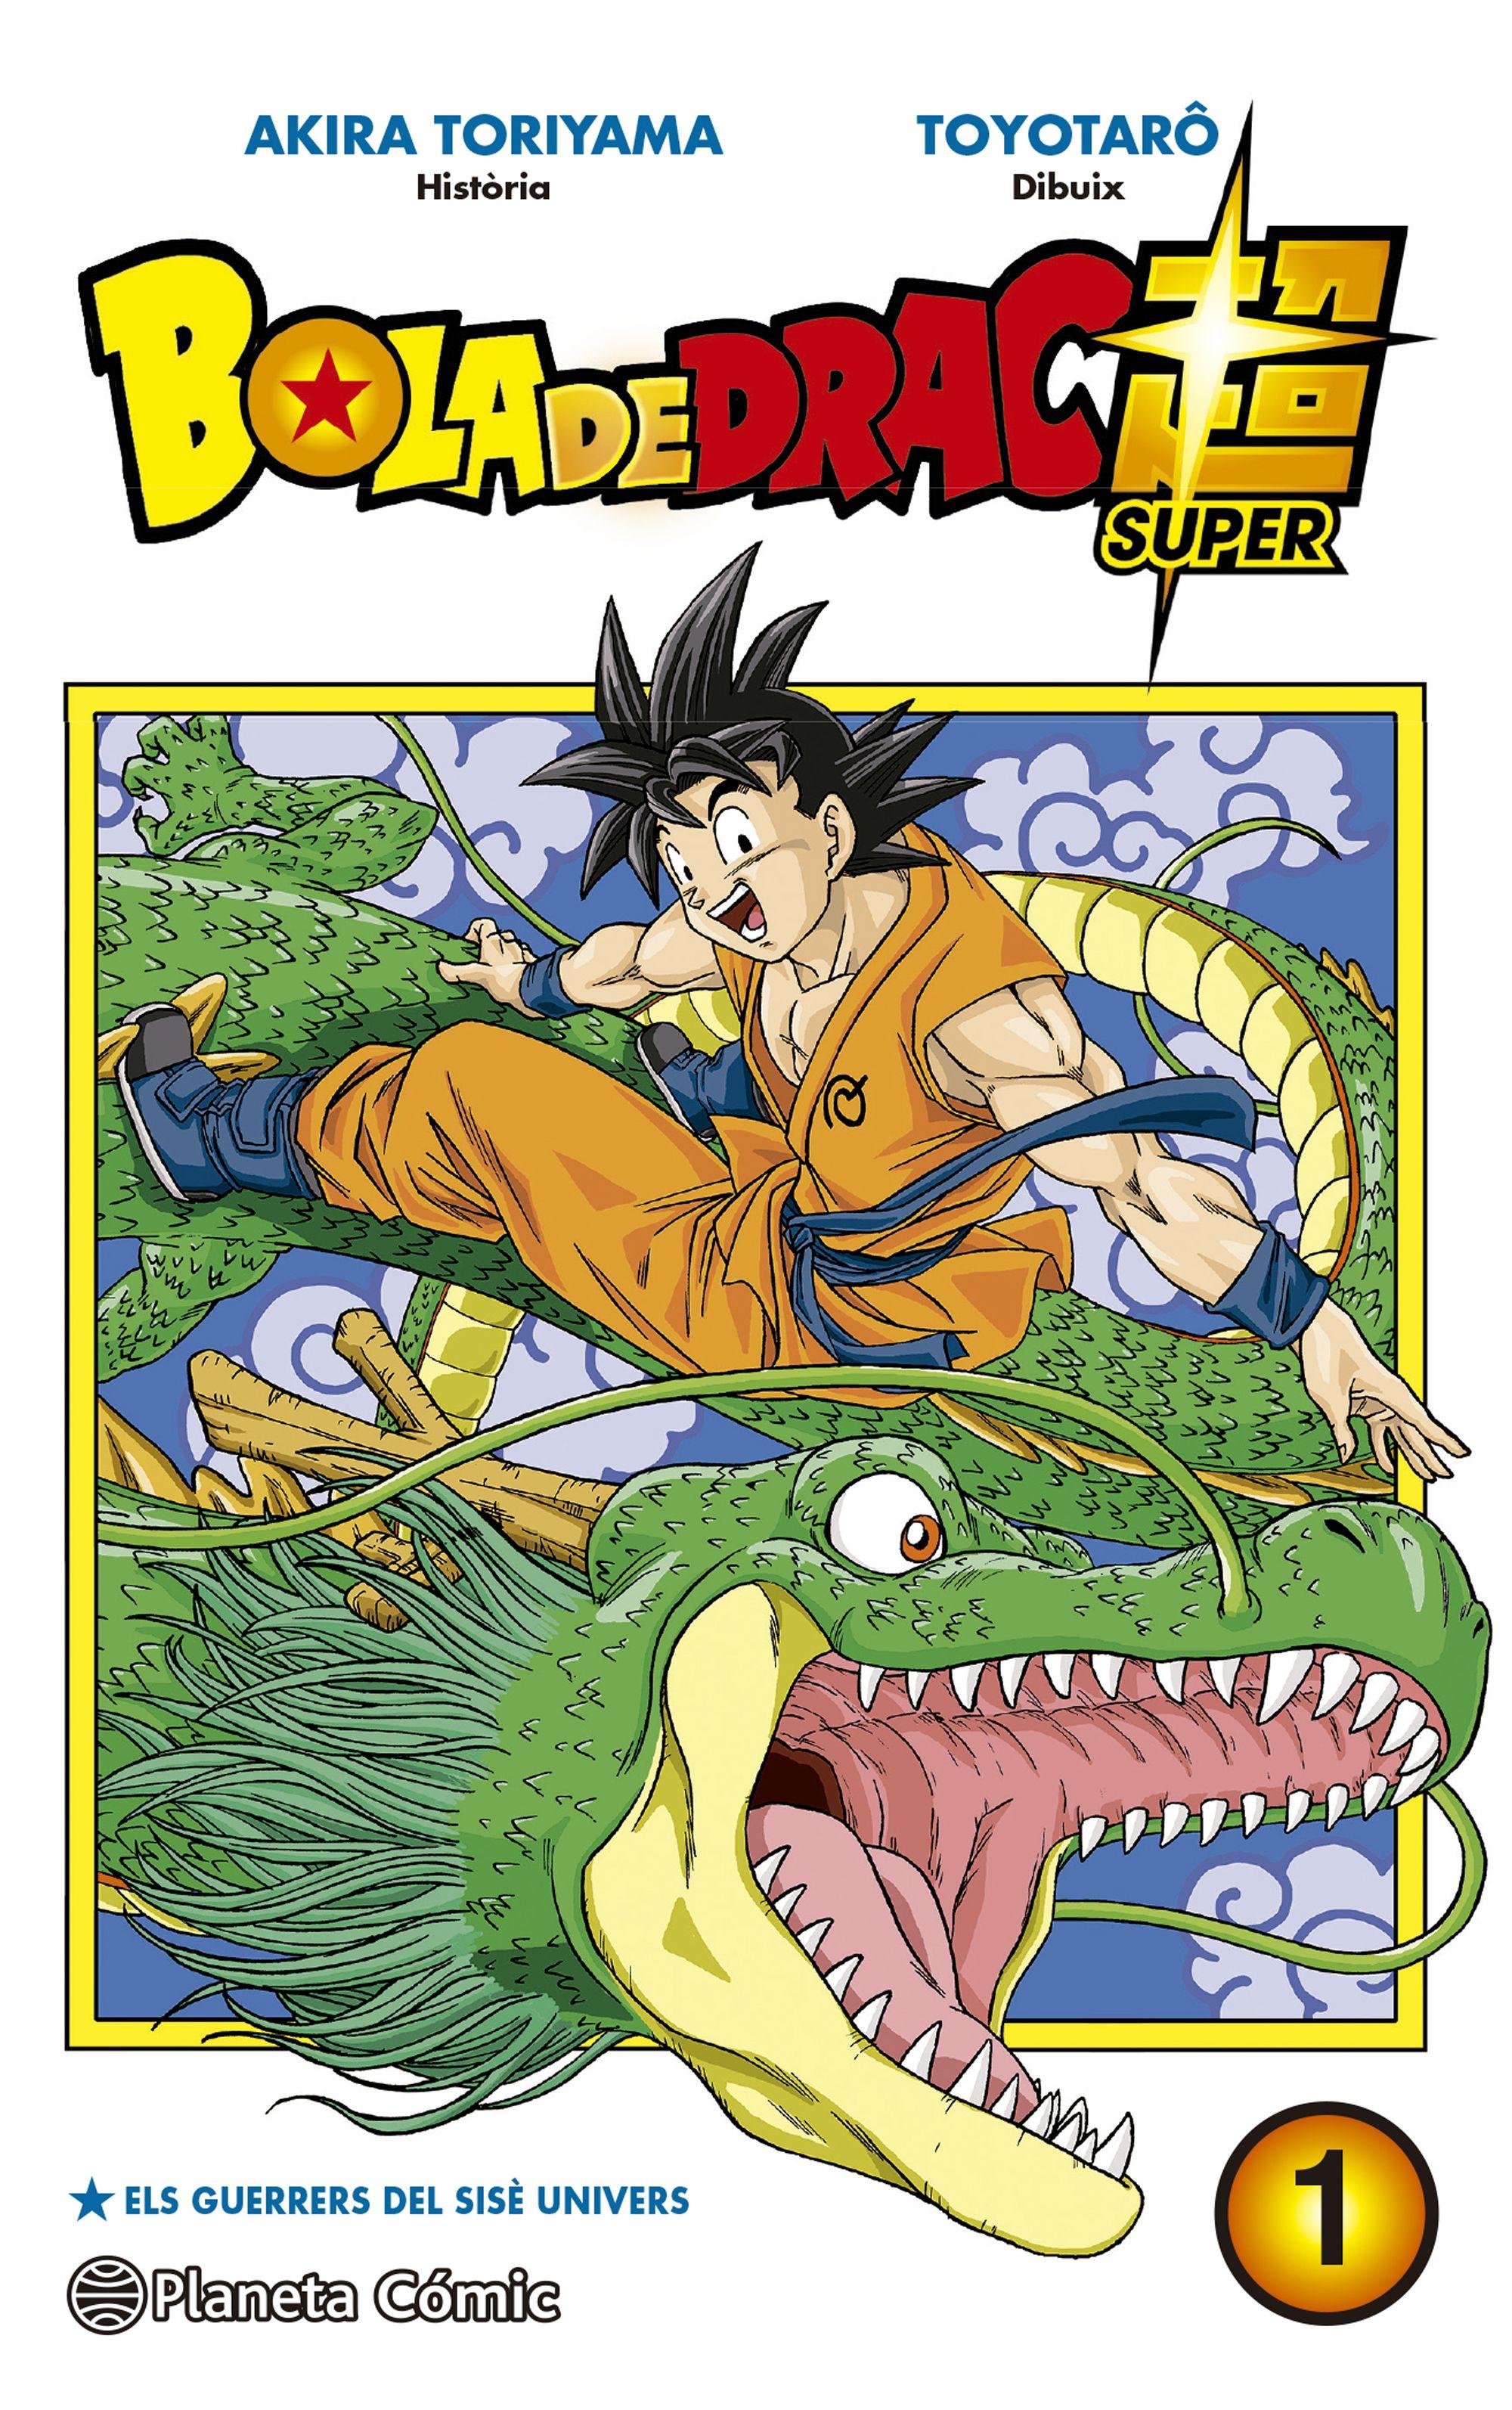 Post Oficial - Dragon Broly Super - 8 de octubre Tomo 4. - Página 15 Portada_bola-de-drac-super-n-01_akira-toriyama_201709291230